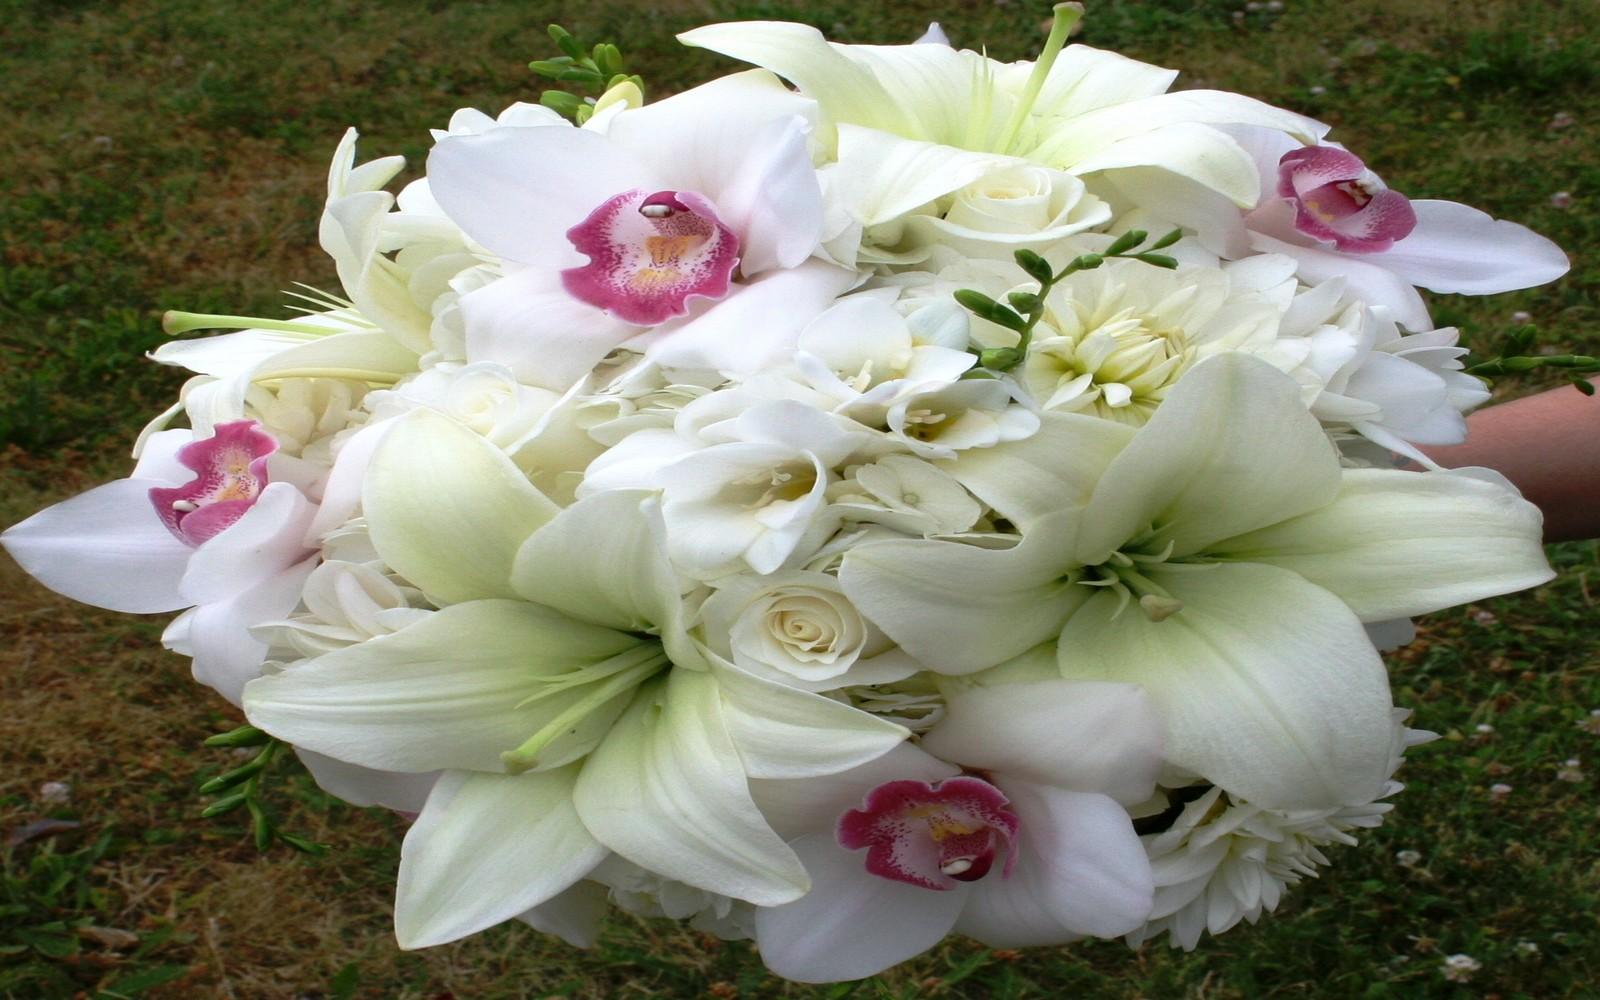 صوره صور ورد خلفيات , فنون اختيار الخلفيات الطبيعيه و الورود